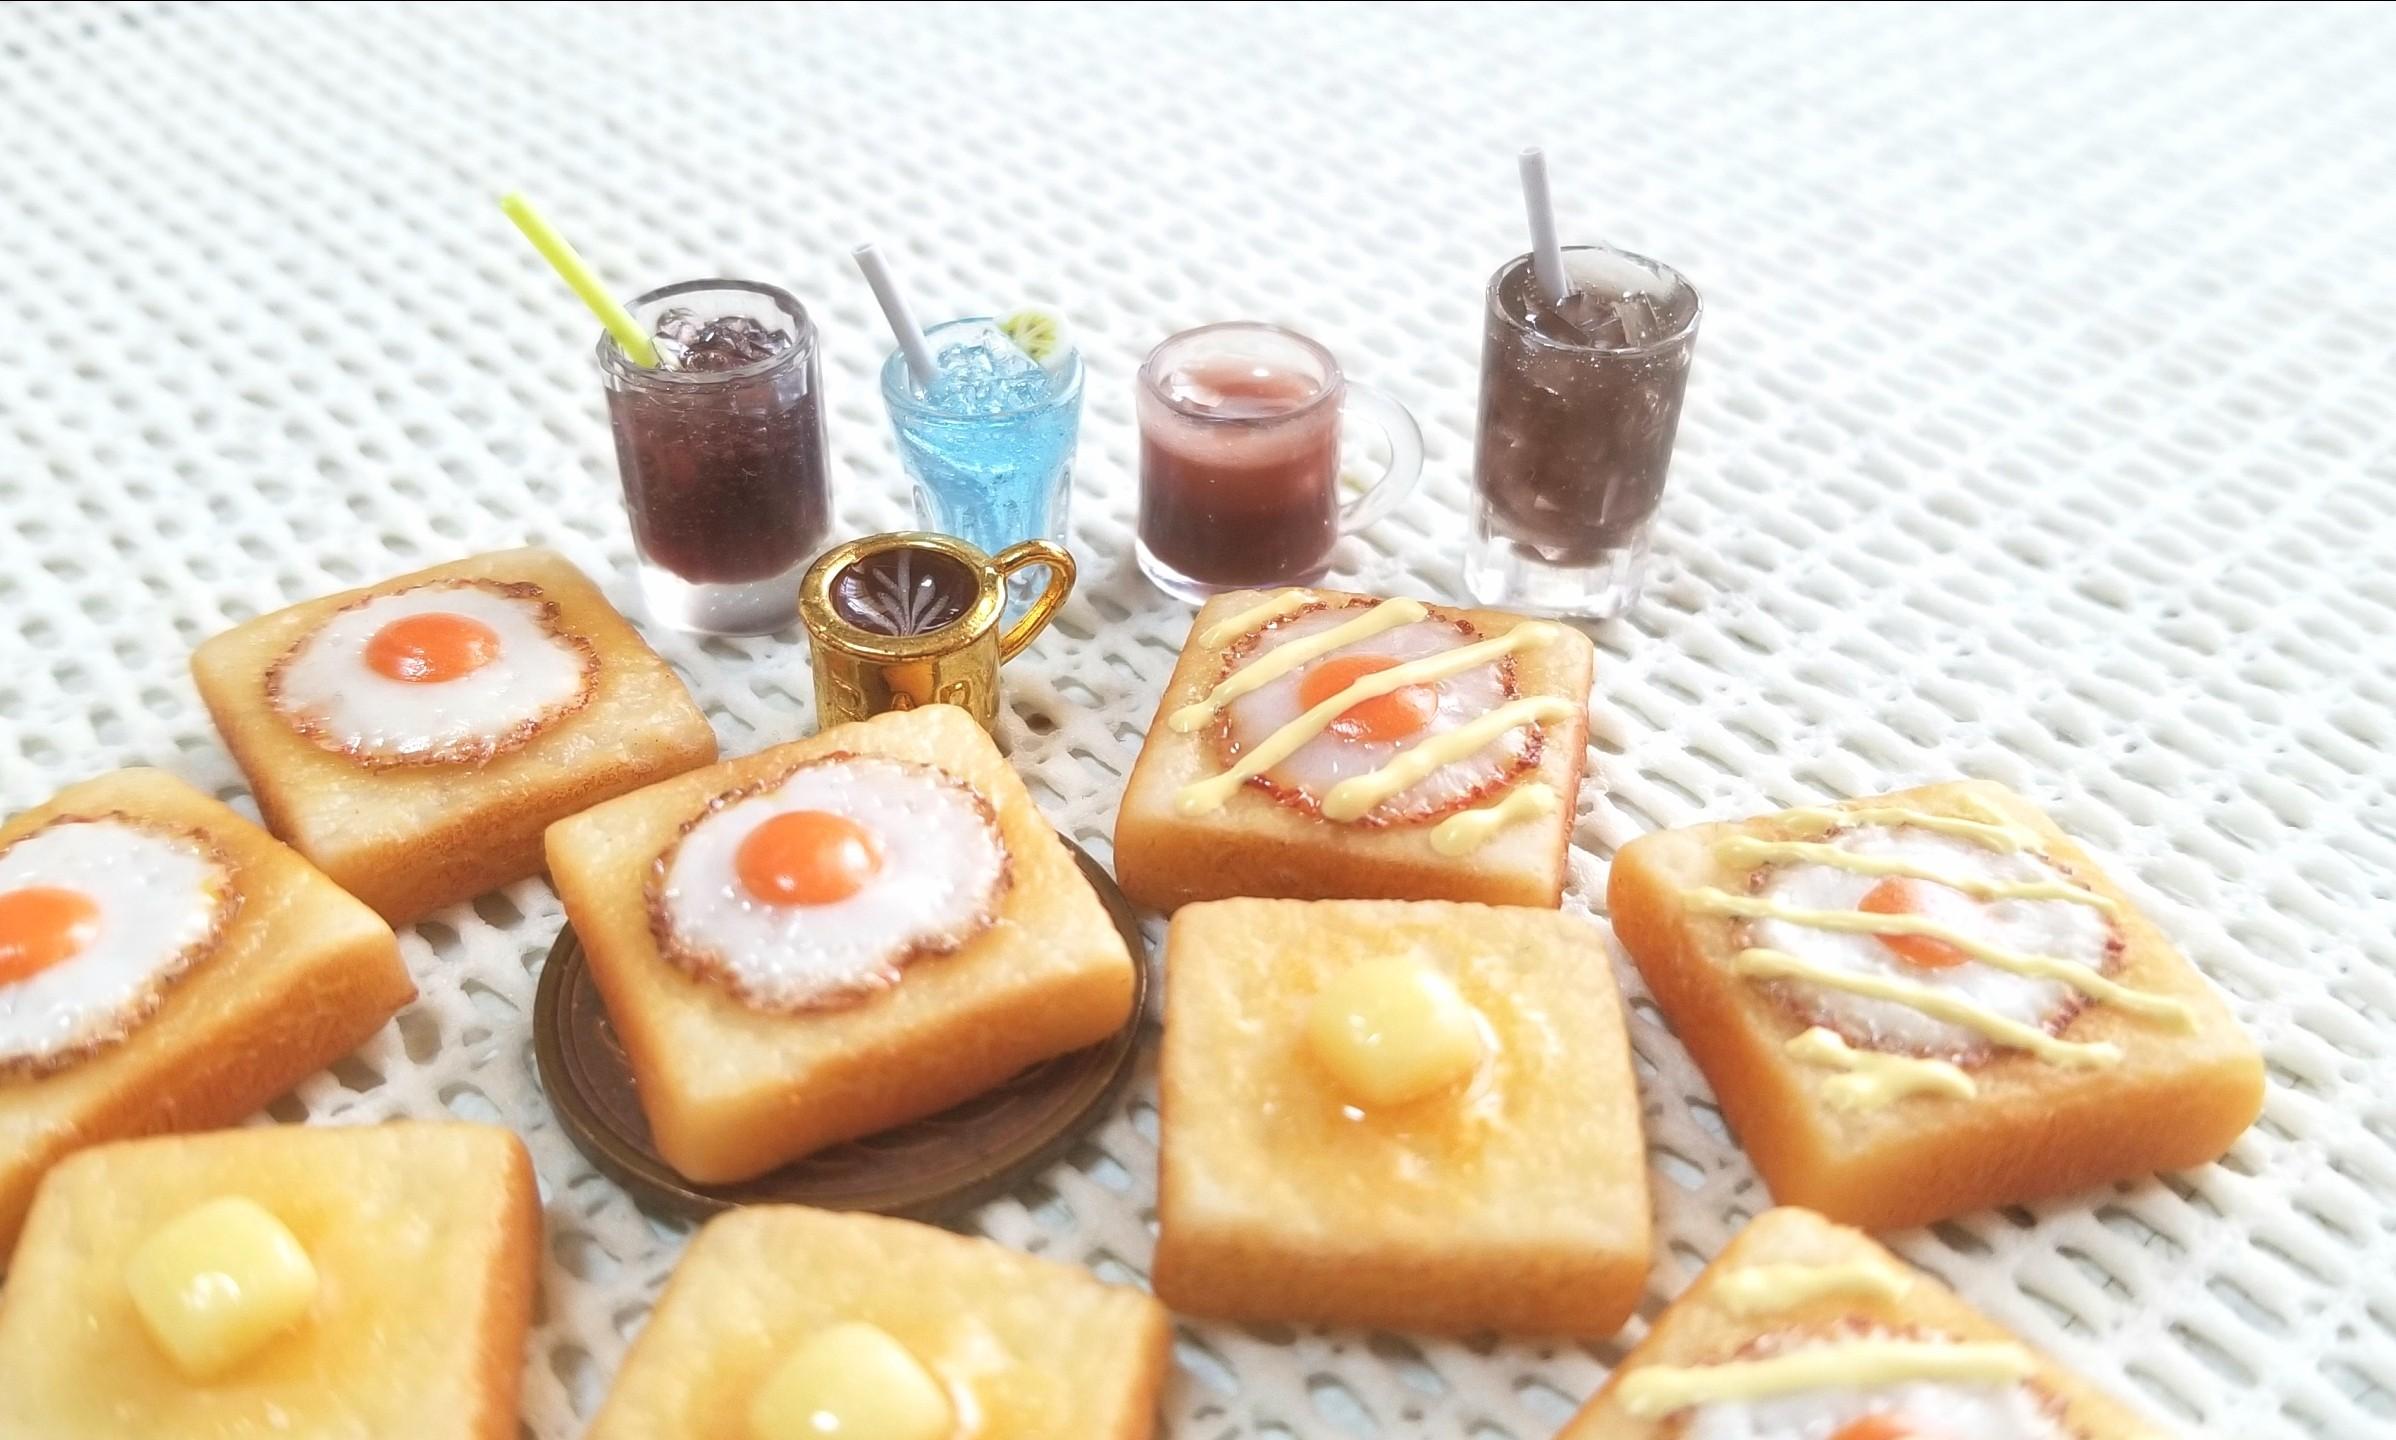 ミニチュア,ミンネで販売中,樹脂粘土,トースト,ジュース,サンプル